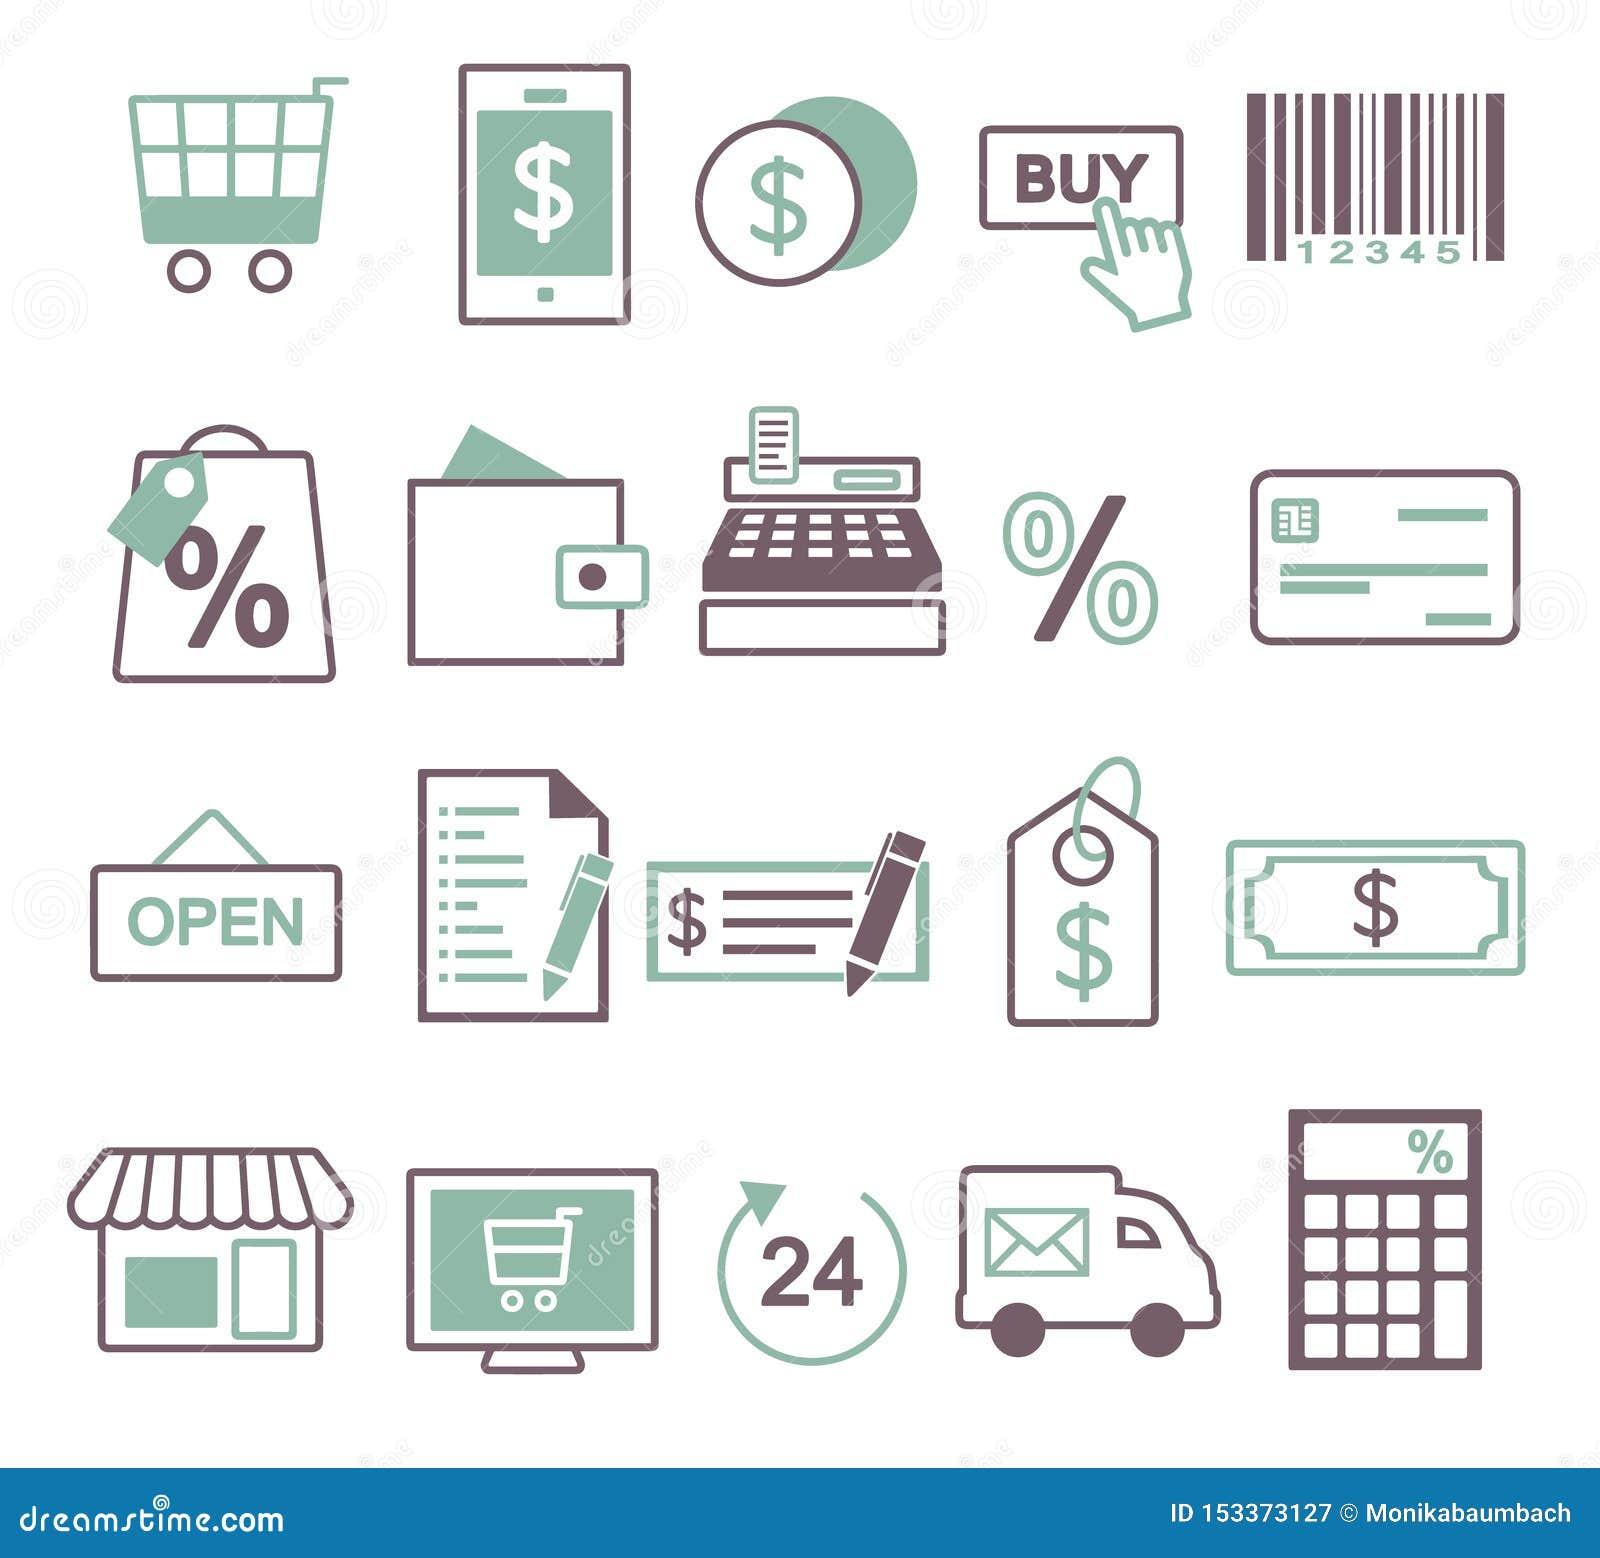 Icono del vector fijado para crear el inforaphics relacionado con las compras, la venta y el comercio en línea, incluyendo el car